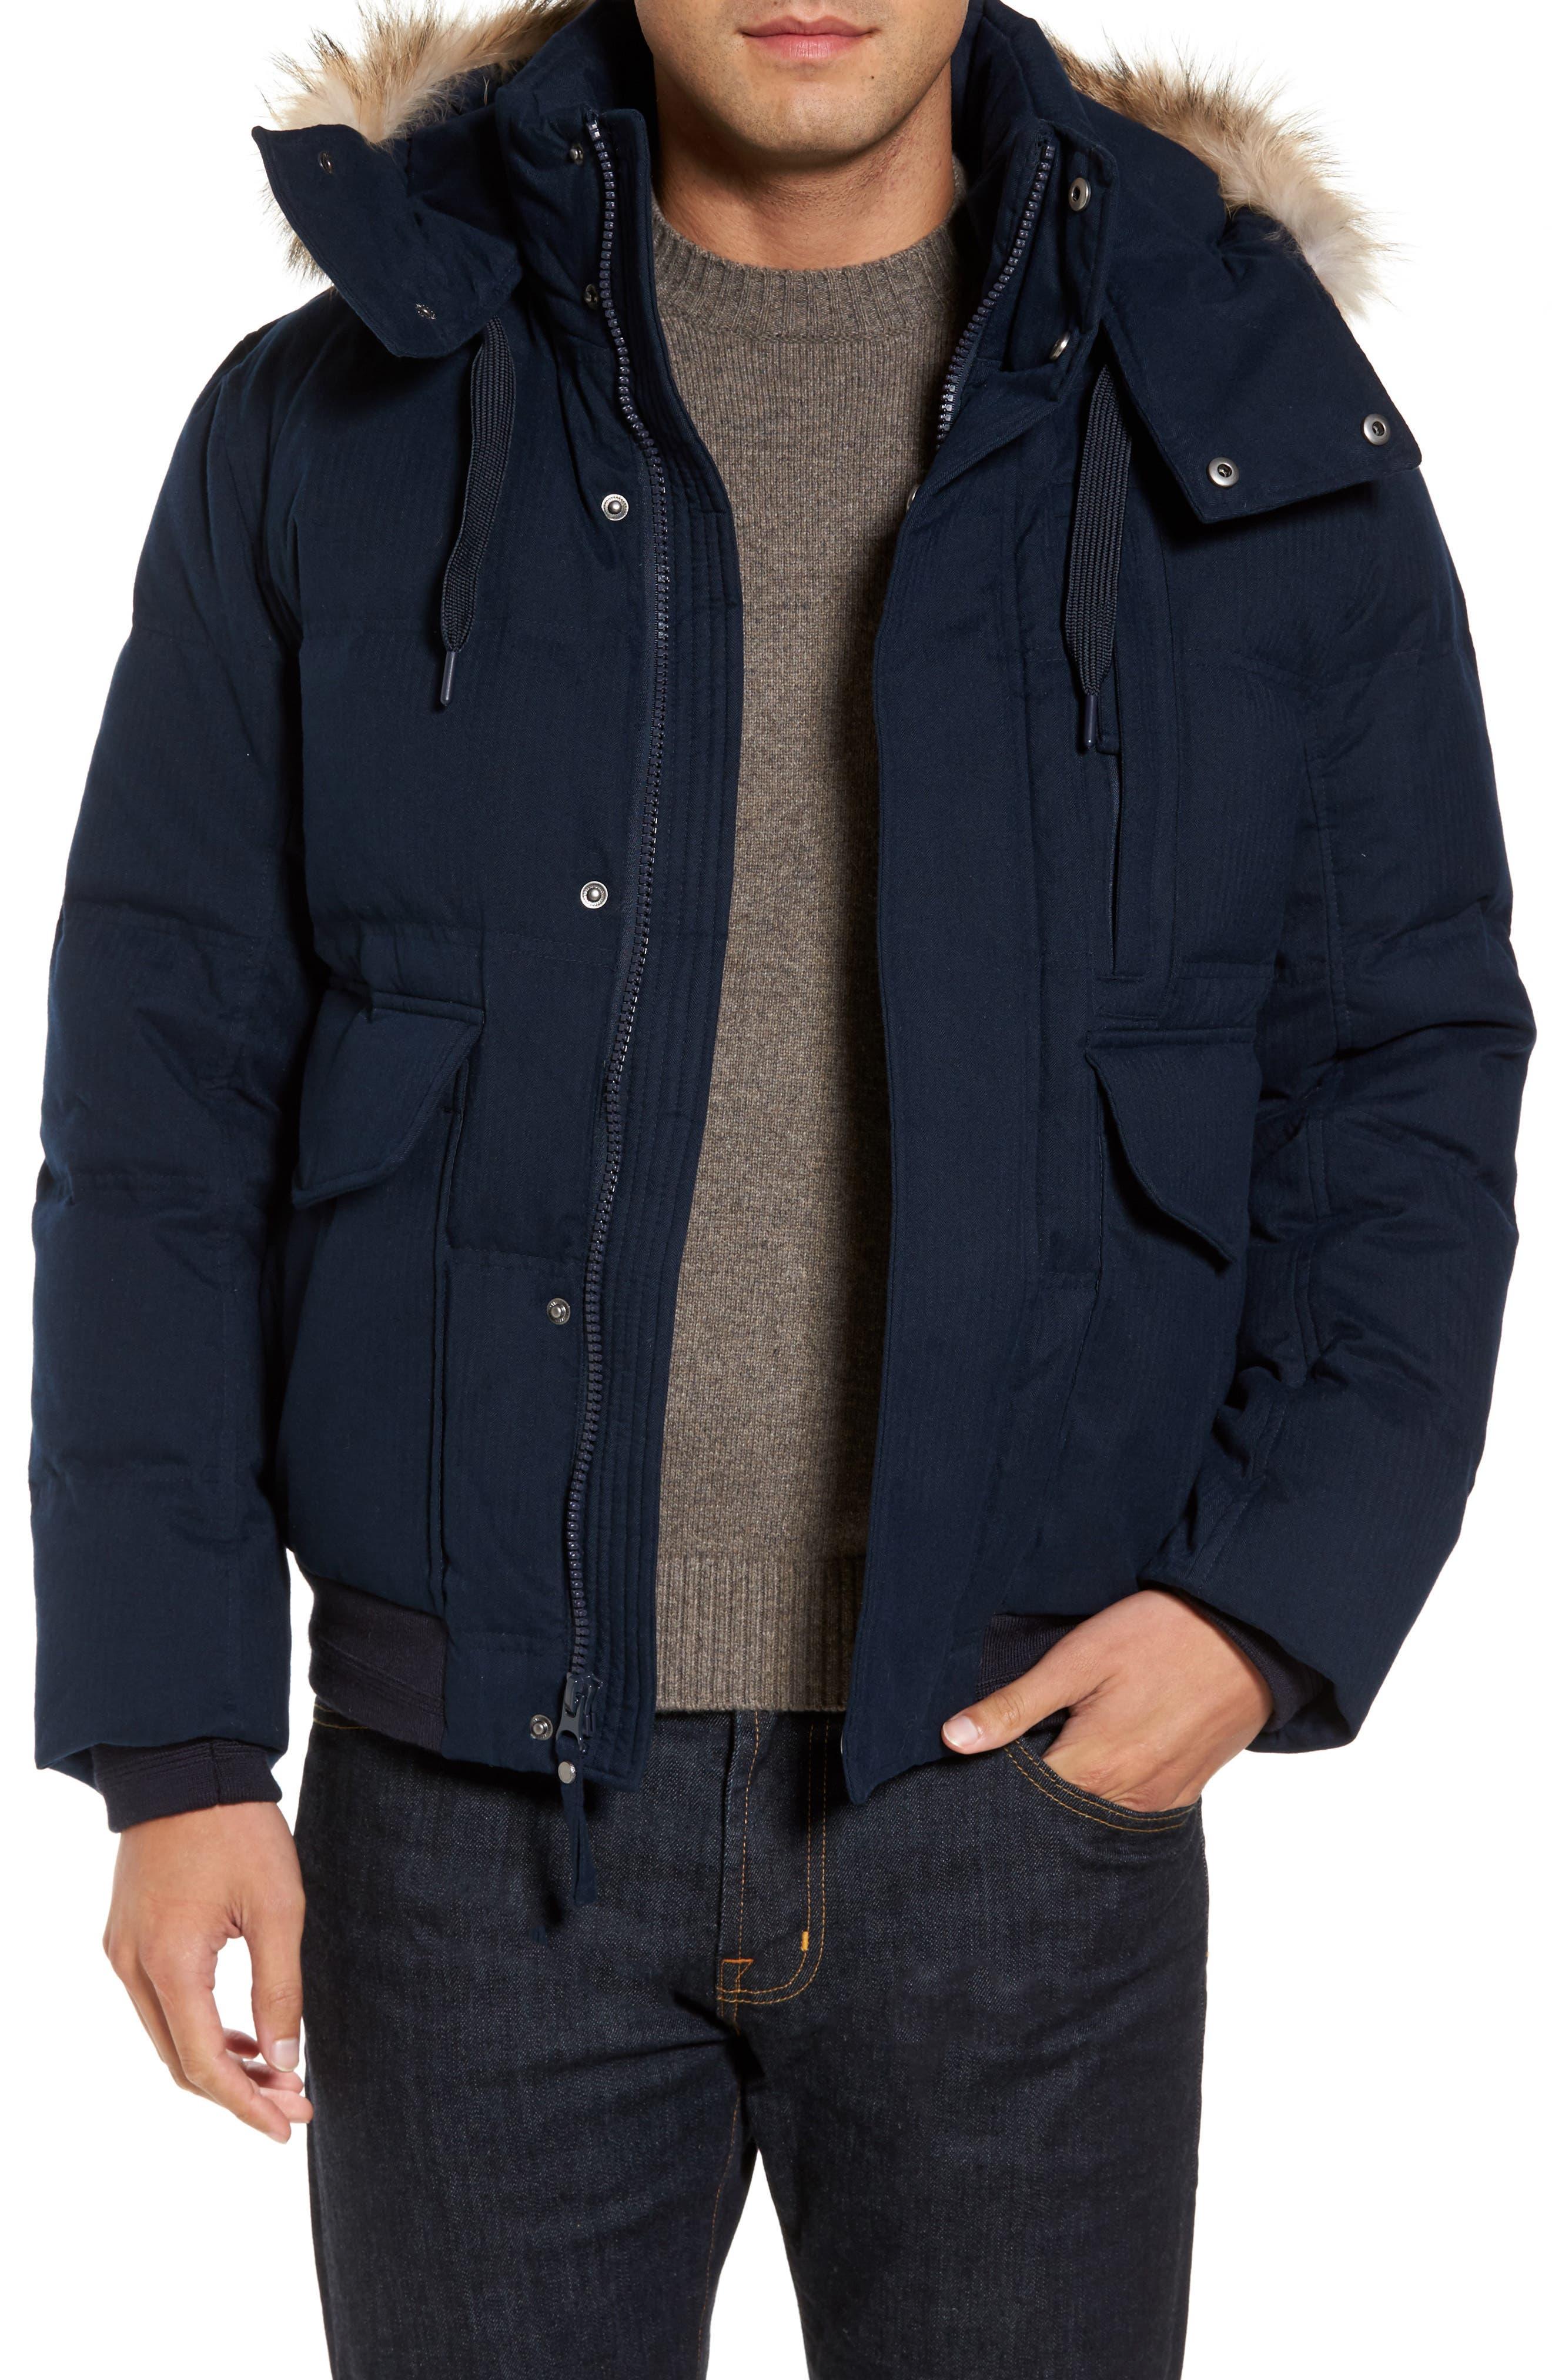 Alternate Image 1 Selected - Marc New York Down Herringbone Jacket with Genuine Coyote Fur Trim